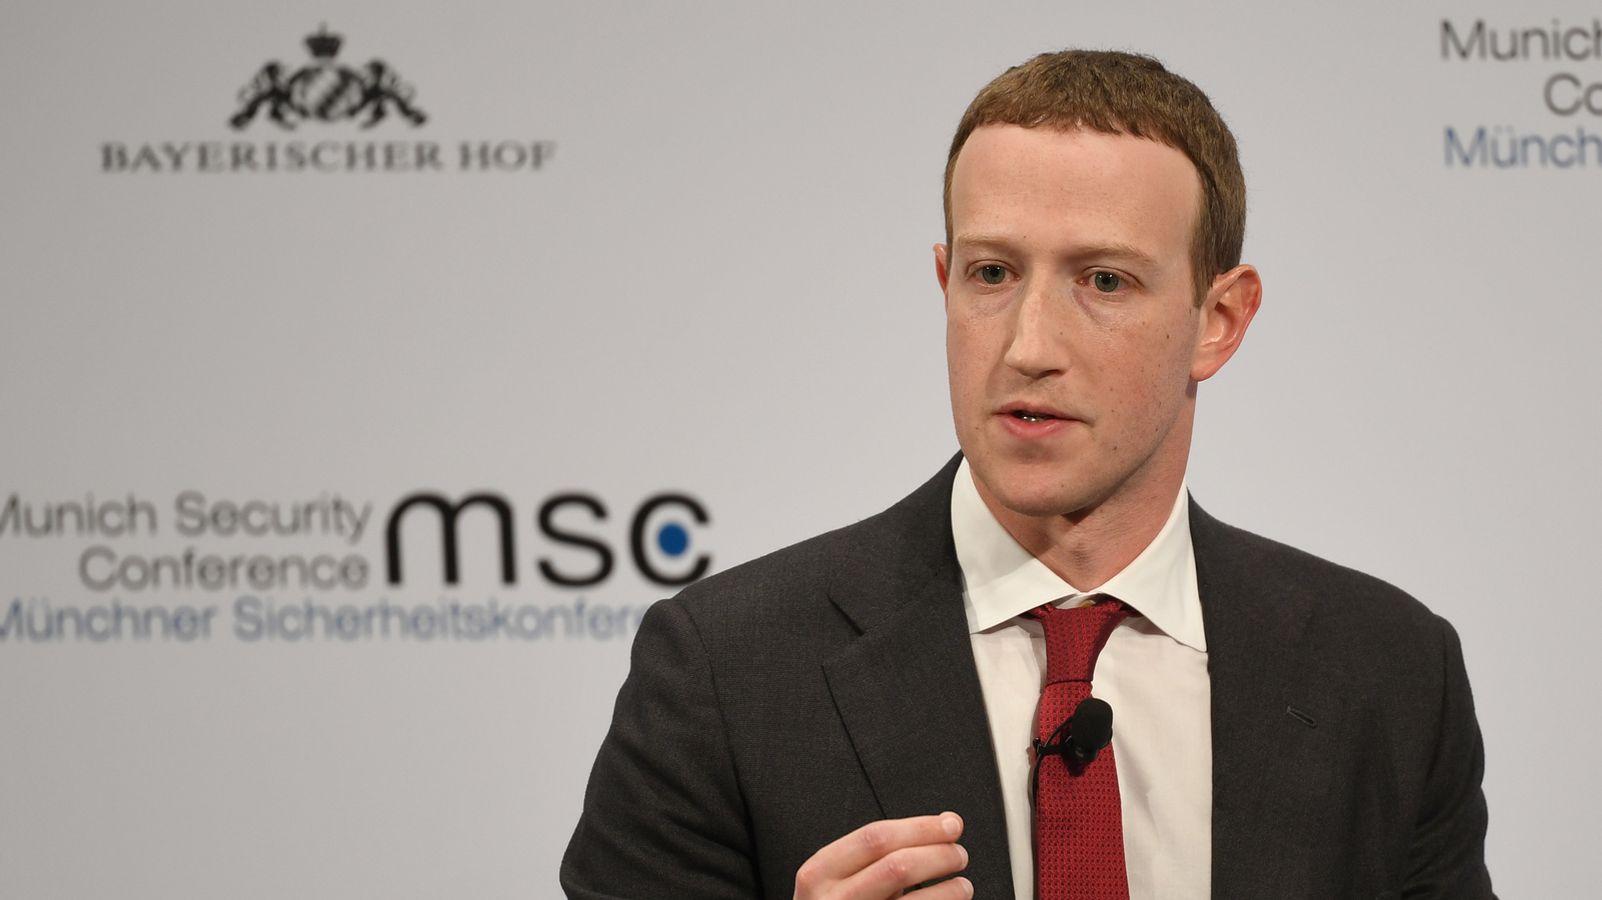 Sicherheitskonferenz: Zuckerberg offen für mehr Regulierung